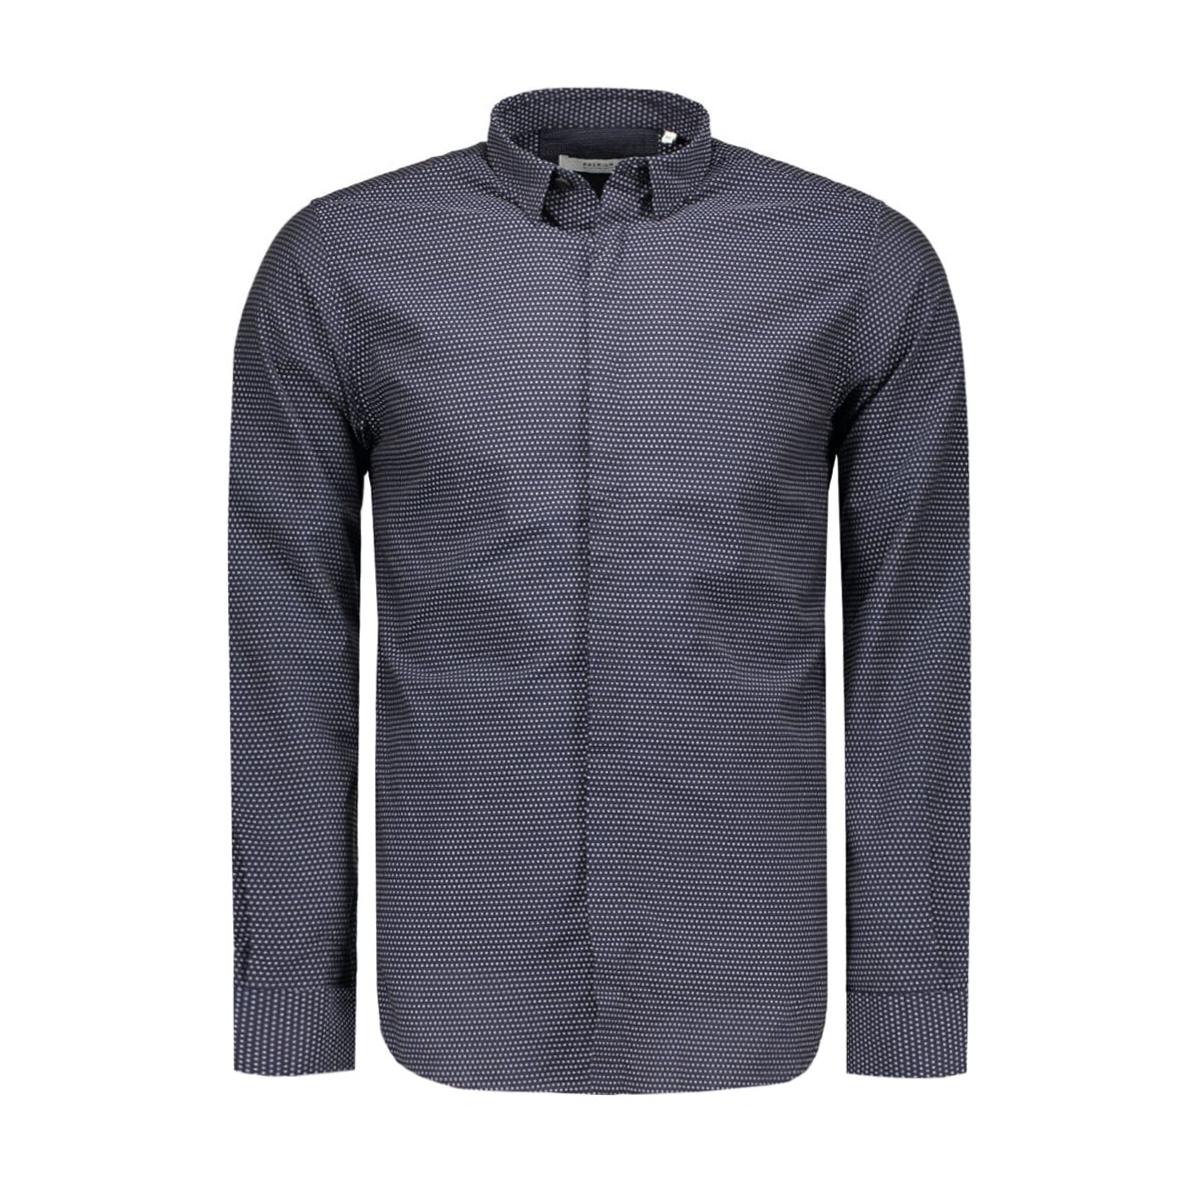 jprvito shirt l/s plain 12095138 jack & jones overhemd dark navy/harequin